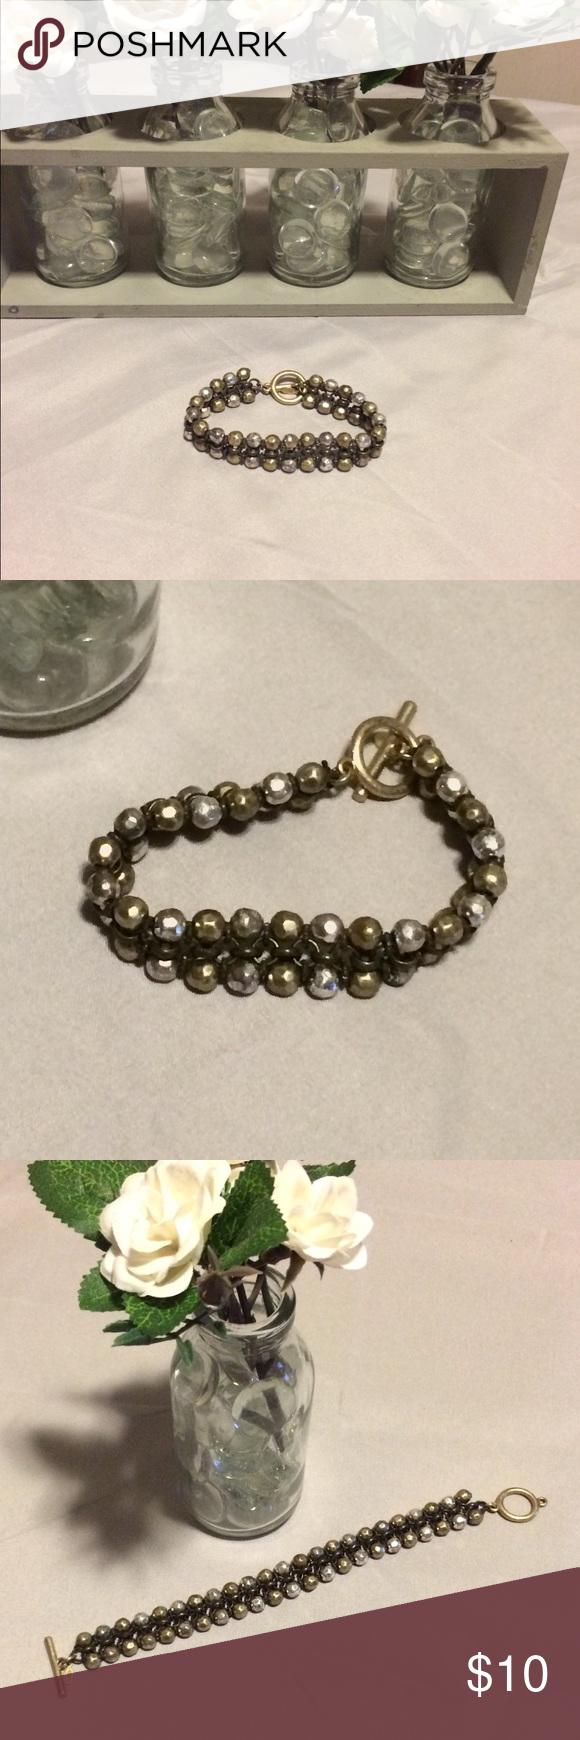 Premier Designs Bracelet Excellent condition! Matte gold ...